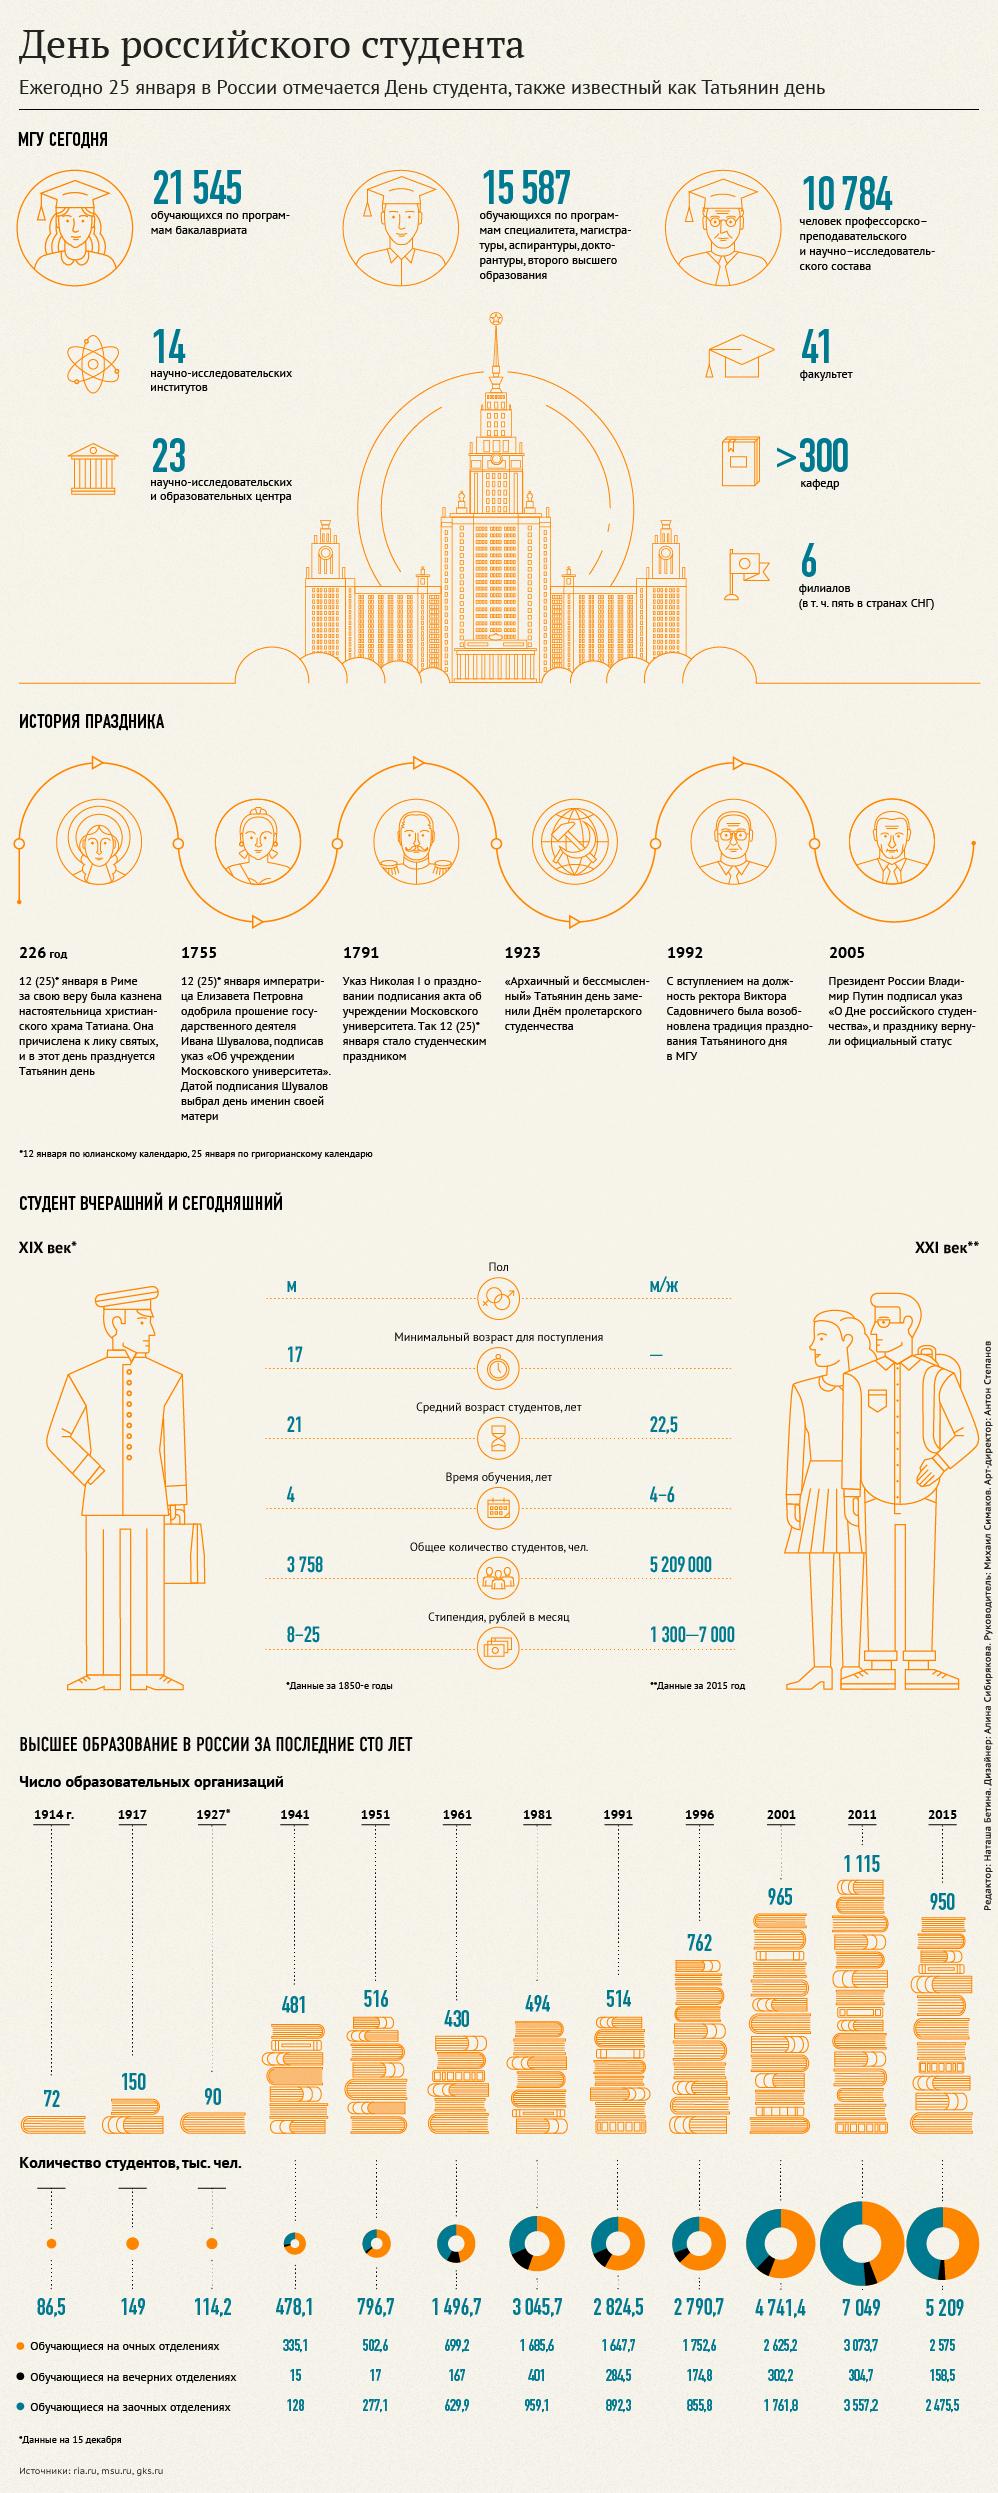 Портрет российского студенчества